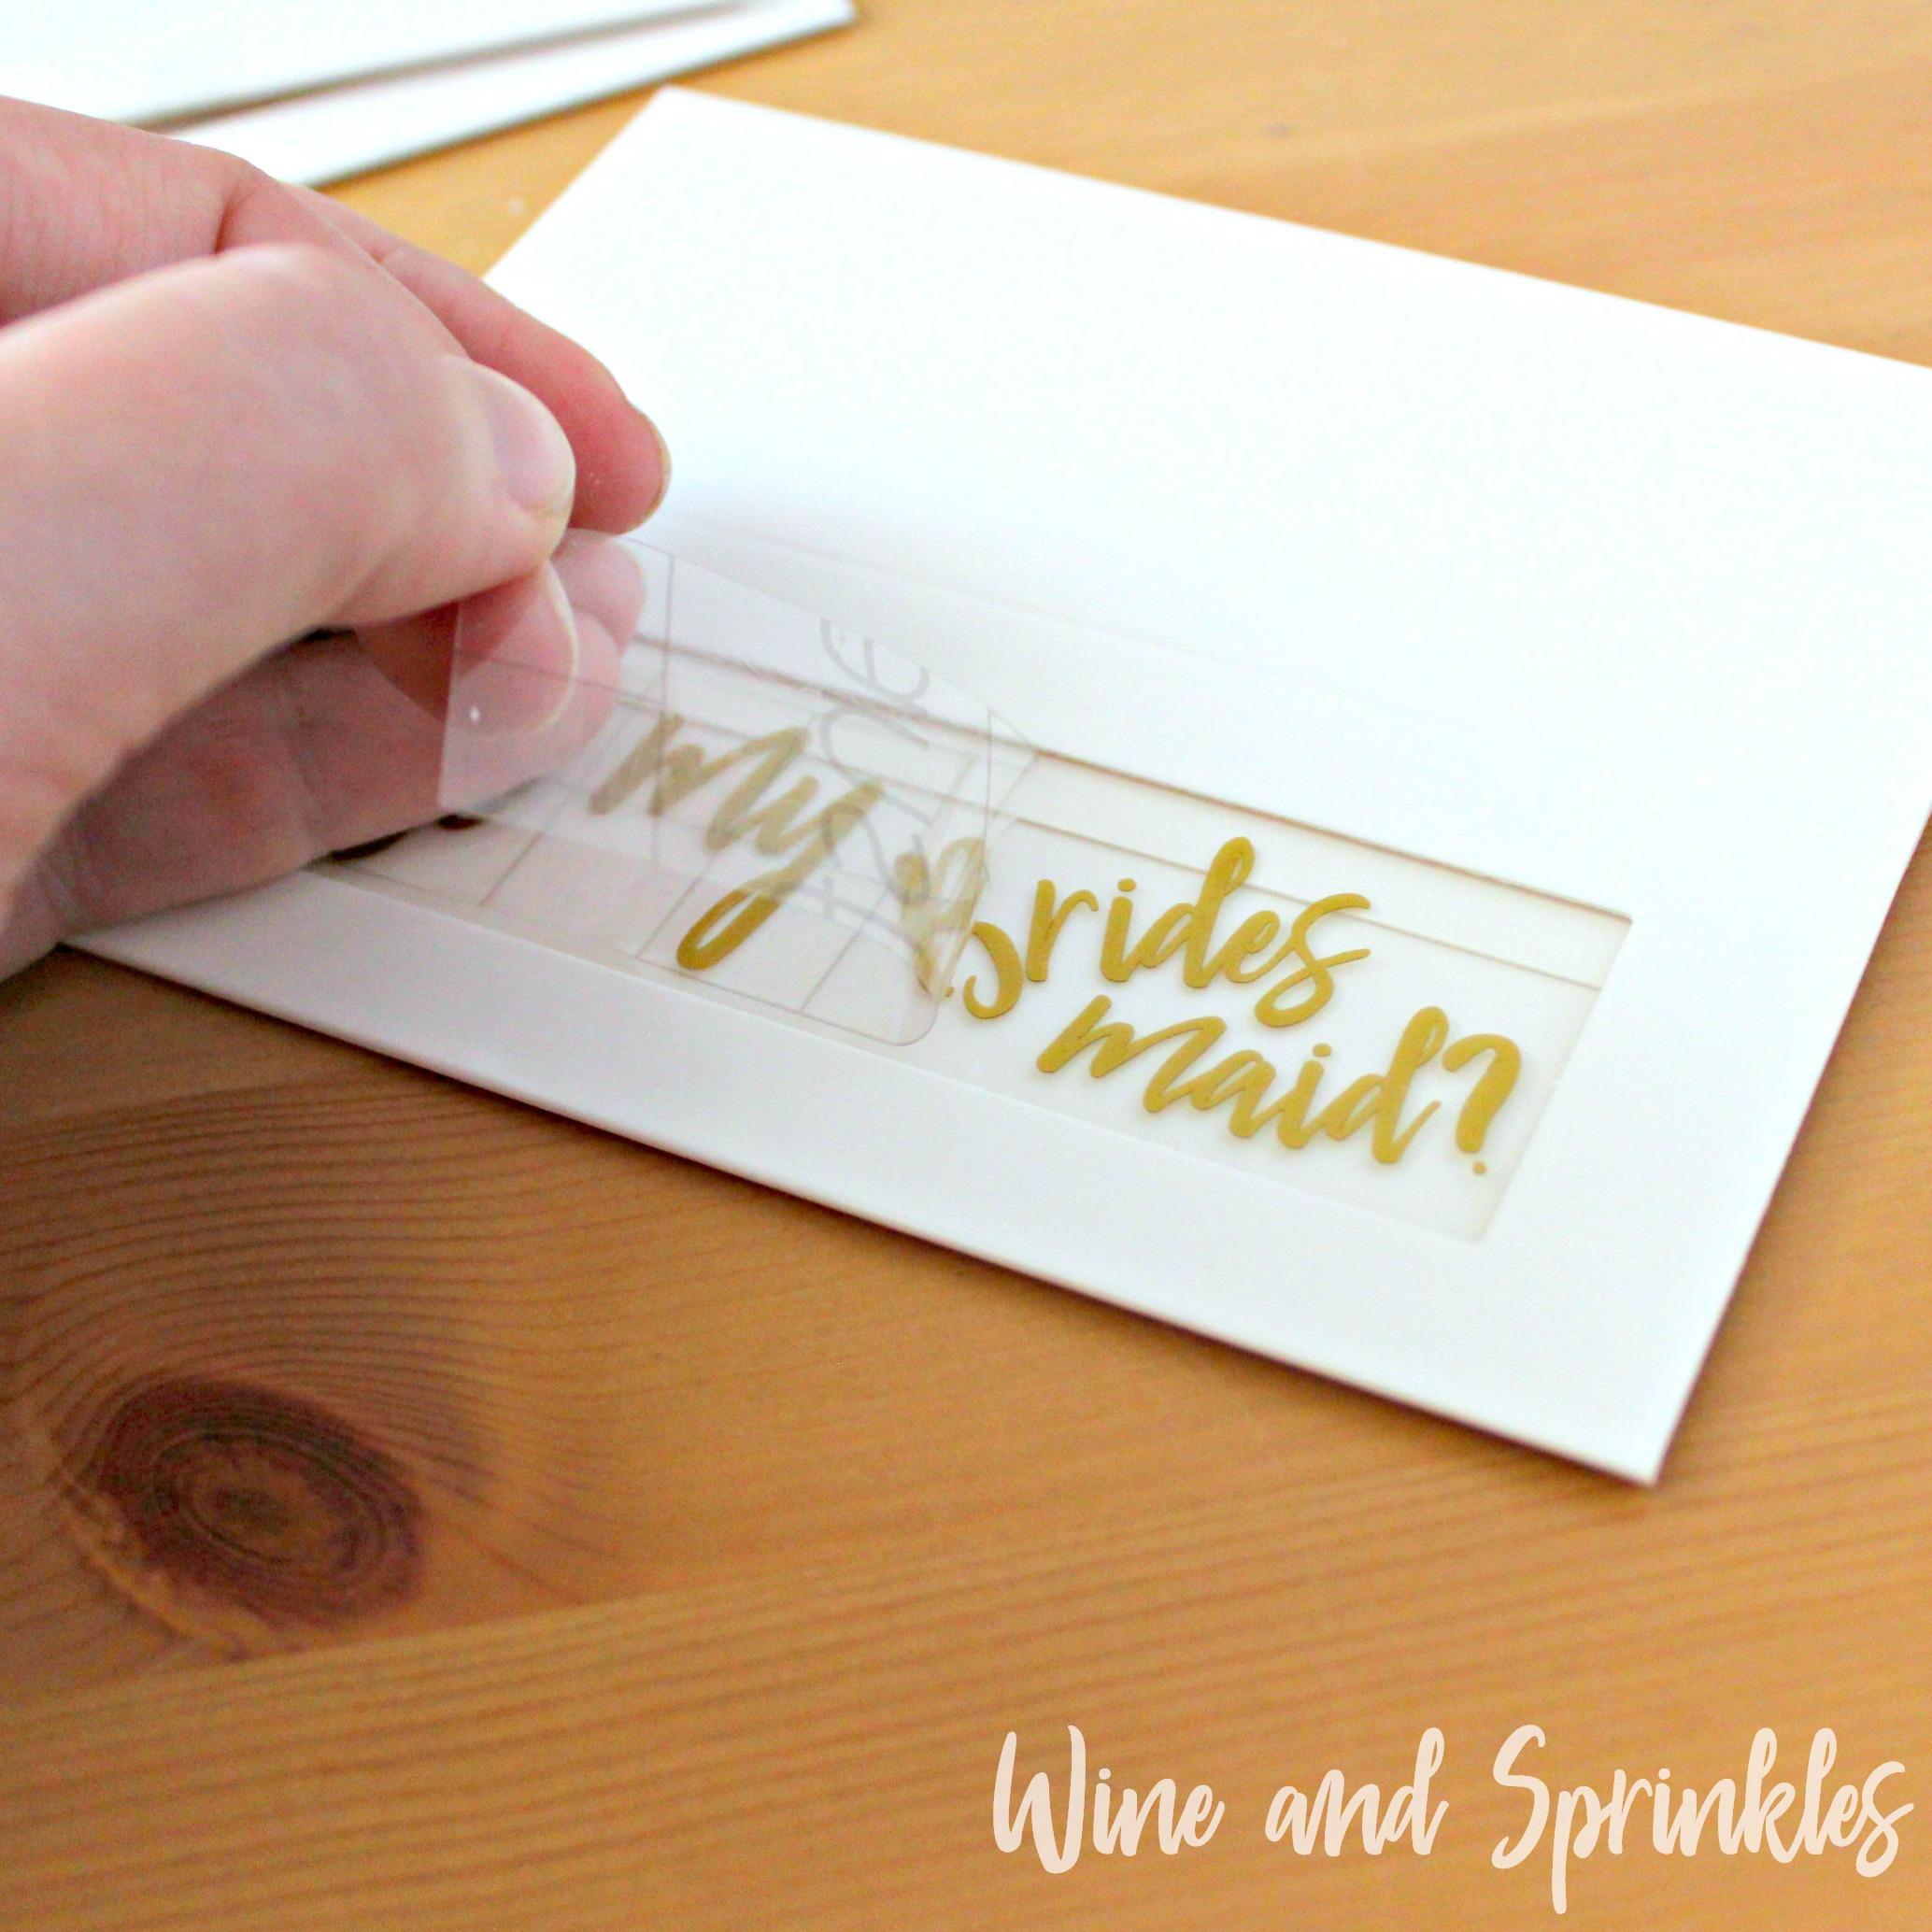 Be my Bridesmaid Macaron Box DIY Bridesmaid Proposal #svgfiles #diywedding  #bridesmaidproposal